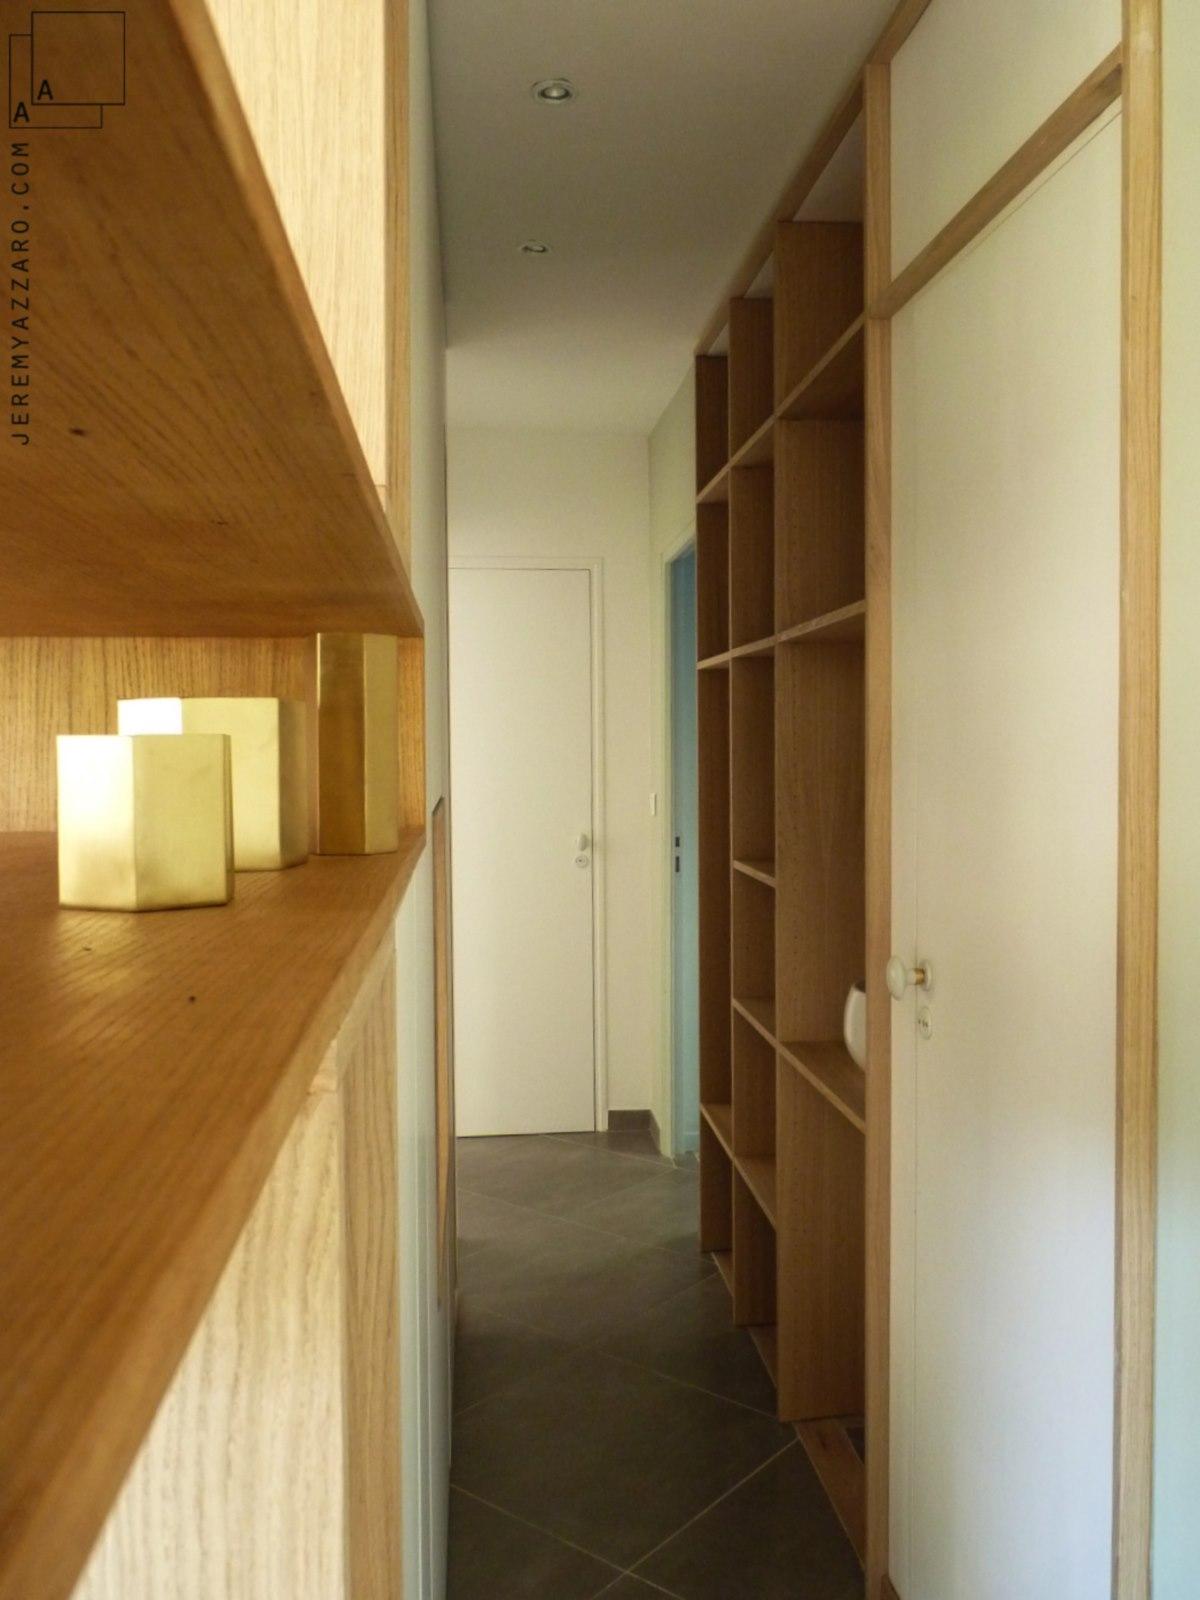 amenagement-mobilier-passage-design-mobilier-bois-blanc-beton-jeremy-azzaro-architecte-marseille